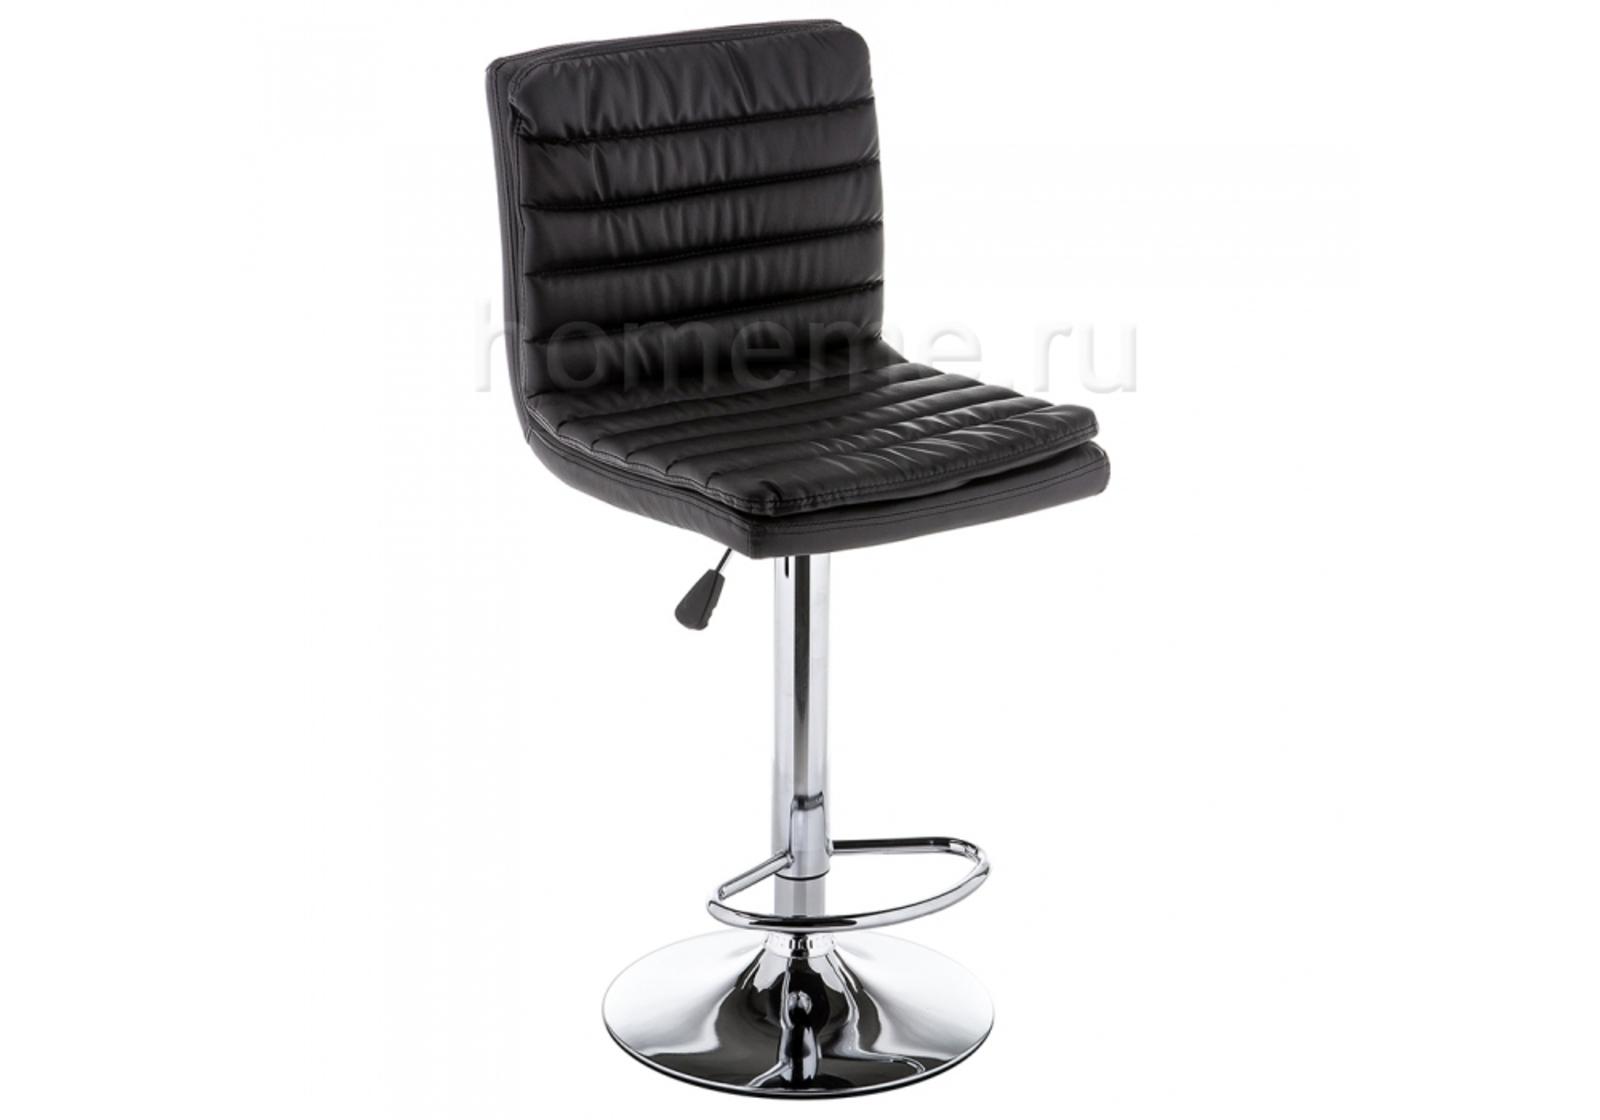 Барный стул Mins черный 11291 Mins черный 11291 (15685)